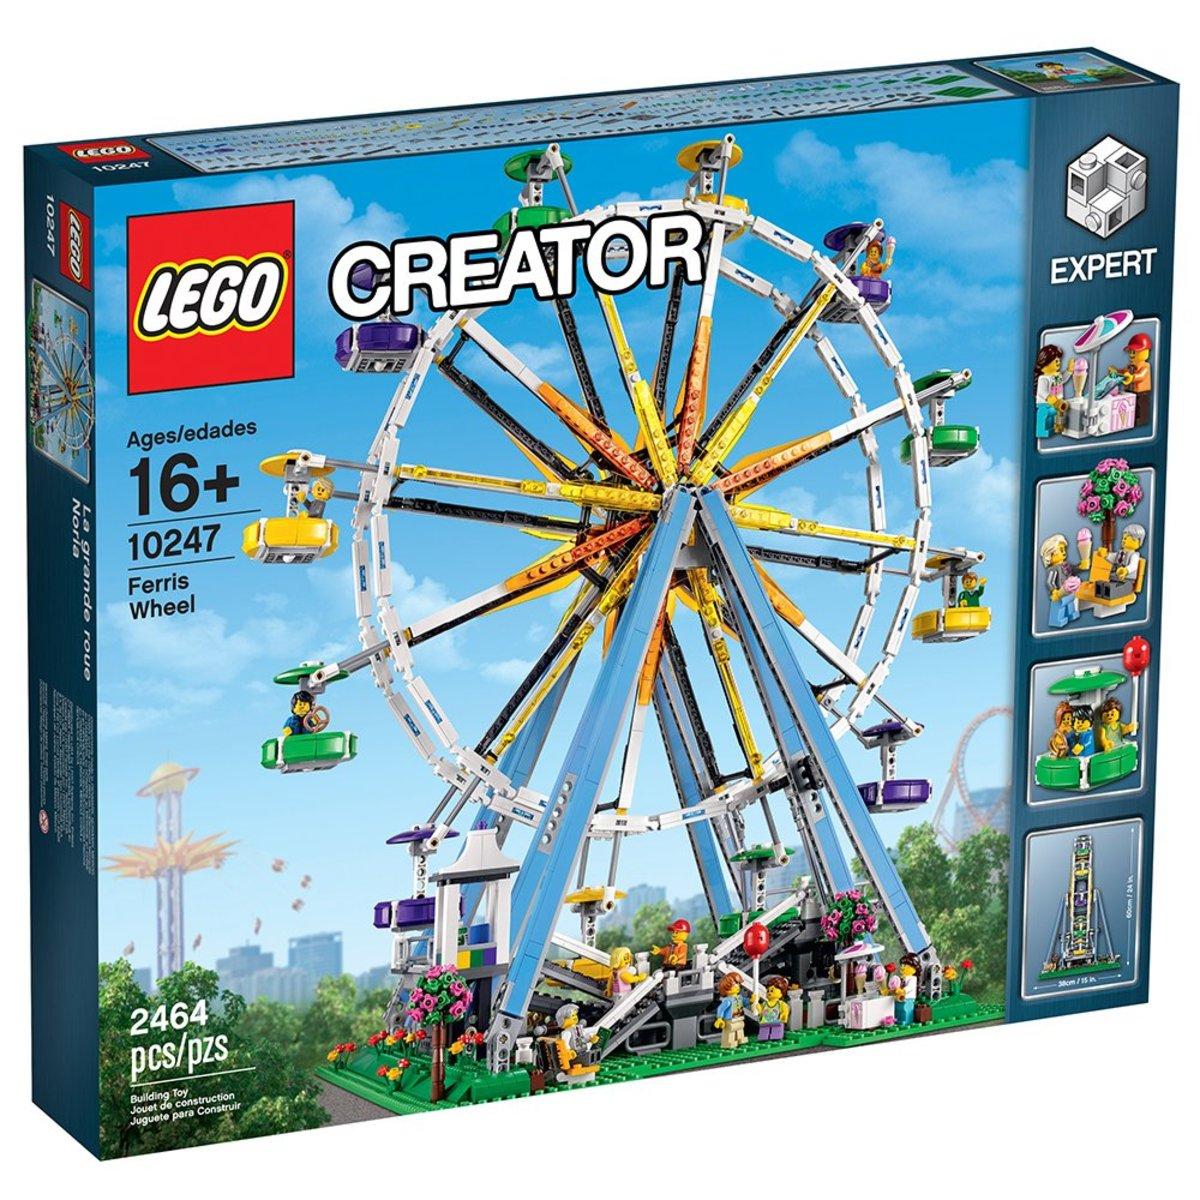 10247 Creator Ferris Wheel